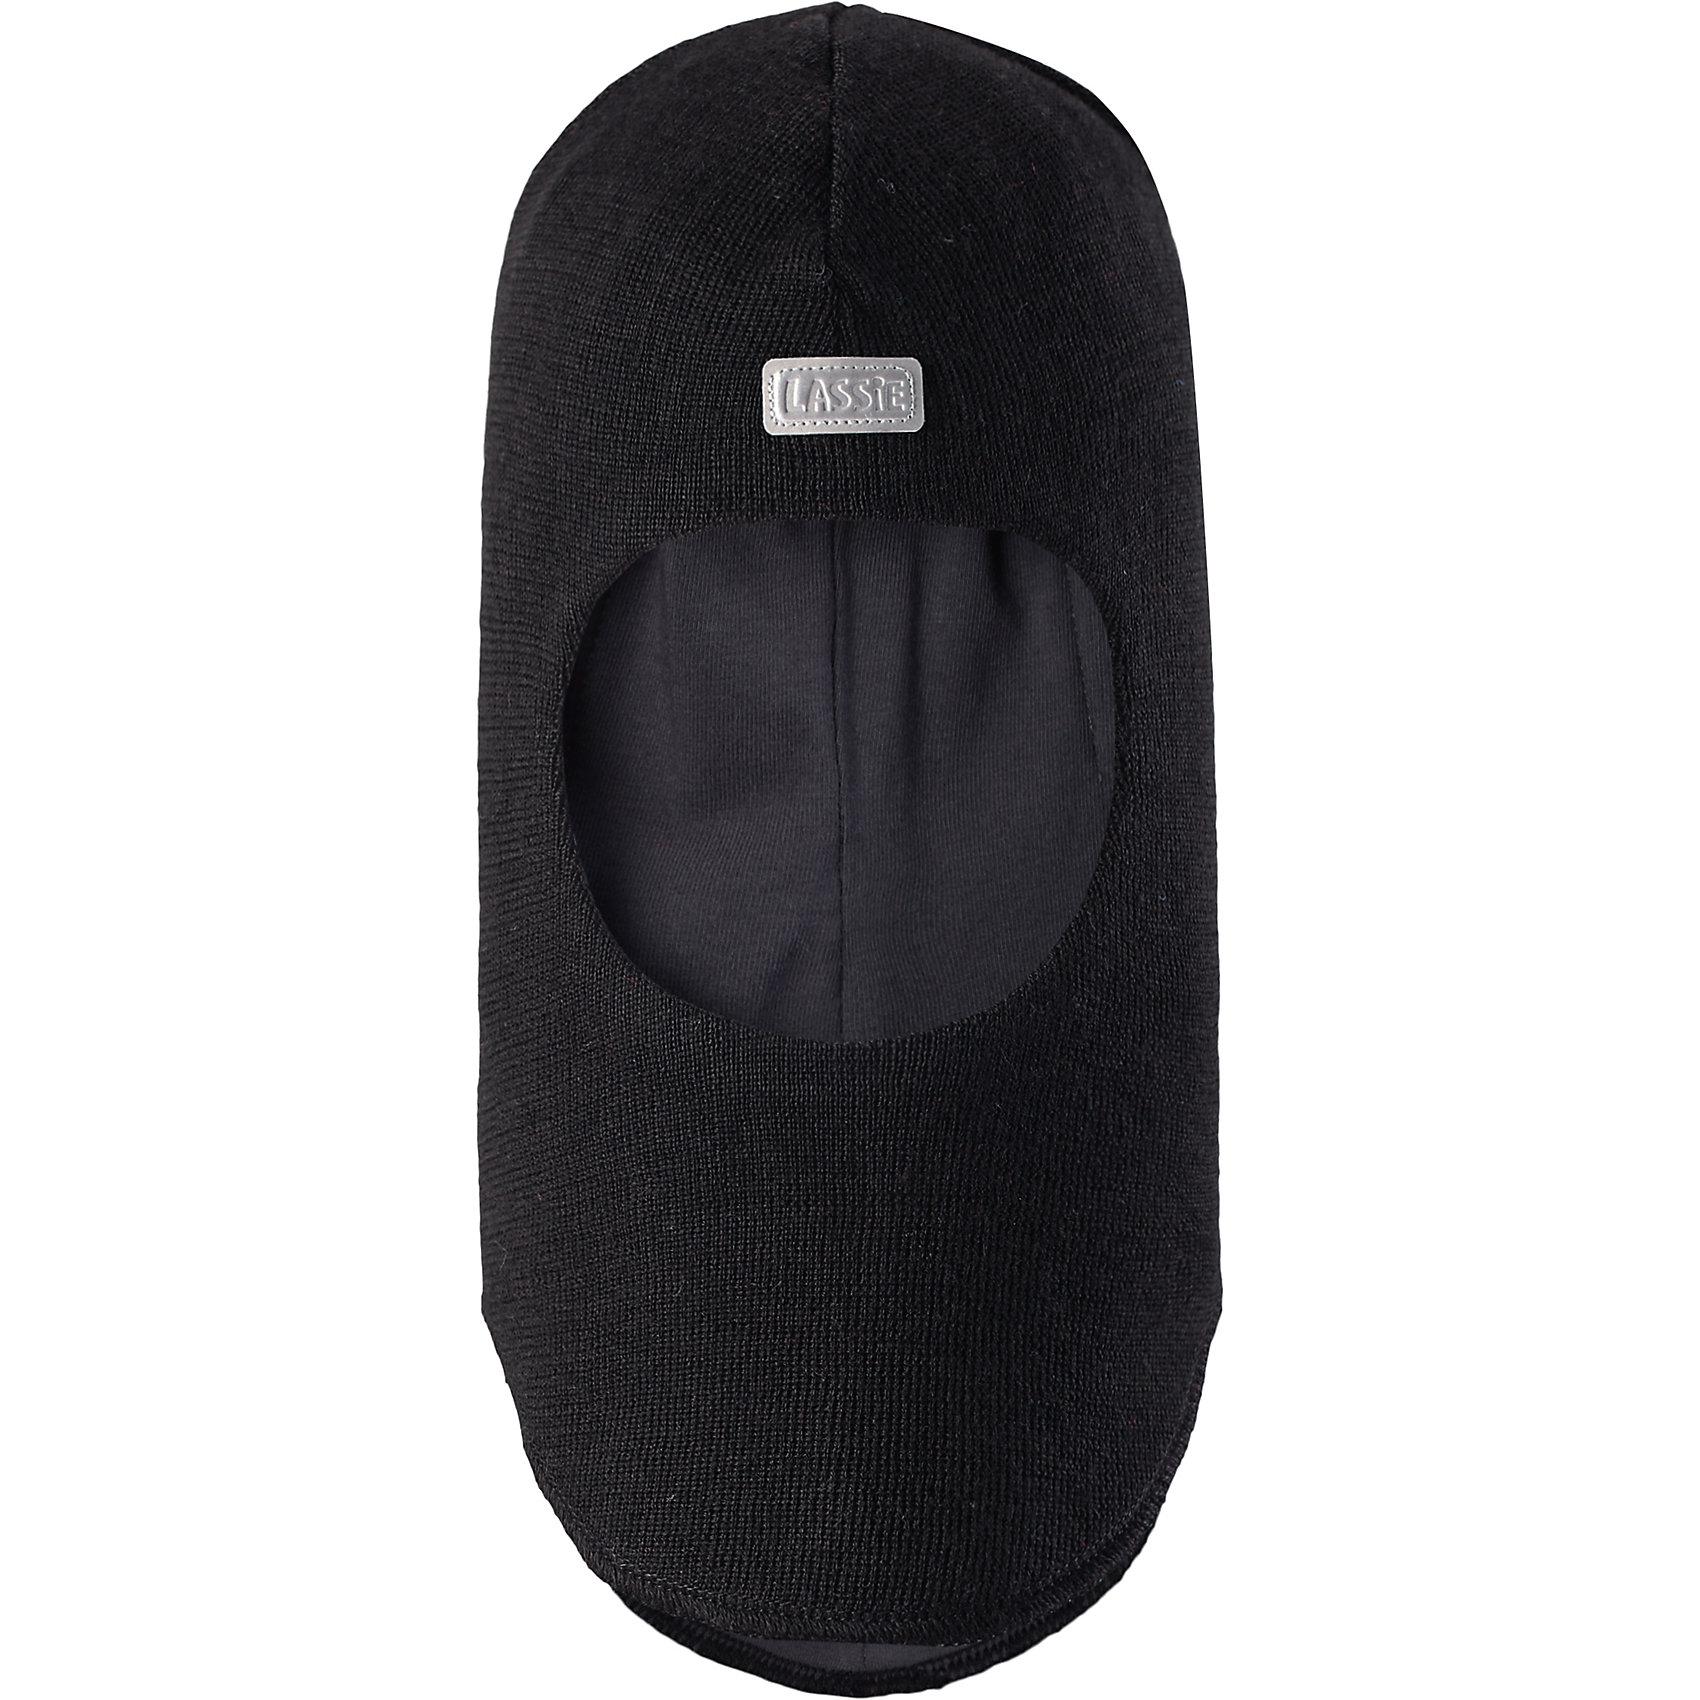 Шапка LASSIEШапки и шарфы<br>Шапка-шлем для малышей известной финской марки.<br><br>- Мягкая и теплая ткань из смеси шерсти.<br>- Ветронепроницаемые вставки в области ушей.<br>- Мягкая подкладка из хлопка и эластана. <br>- Узор из цветных полос. <br>- Светоотражающая эмблема Lassie® спереди.<br><br> Рекомендации по уходу: Придать первоначальную форму вo влажном виде. Возможна усадка 5 %.<br><br>Состав: 50% Шерсть, 50% полиакрил.<br><br>Ширина мм: 89<br>Глубина мм: 117<br>Высота мм: 44<br>Вес г: 155<br>Цвет: черный<br>Возраст от месяцев: 12<br>Возраст до месяцев: 24<br>Пол: Мужской<br>Возраст: Детский<br>Размер: 46-48,50-52,44-46,54-56<br>SKU: 4781034